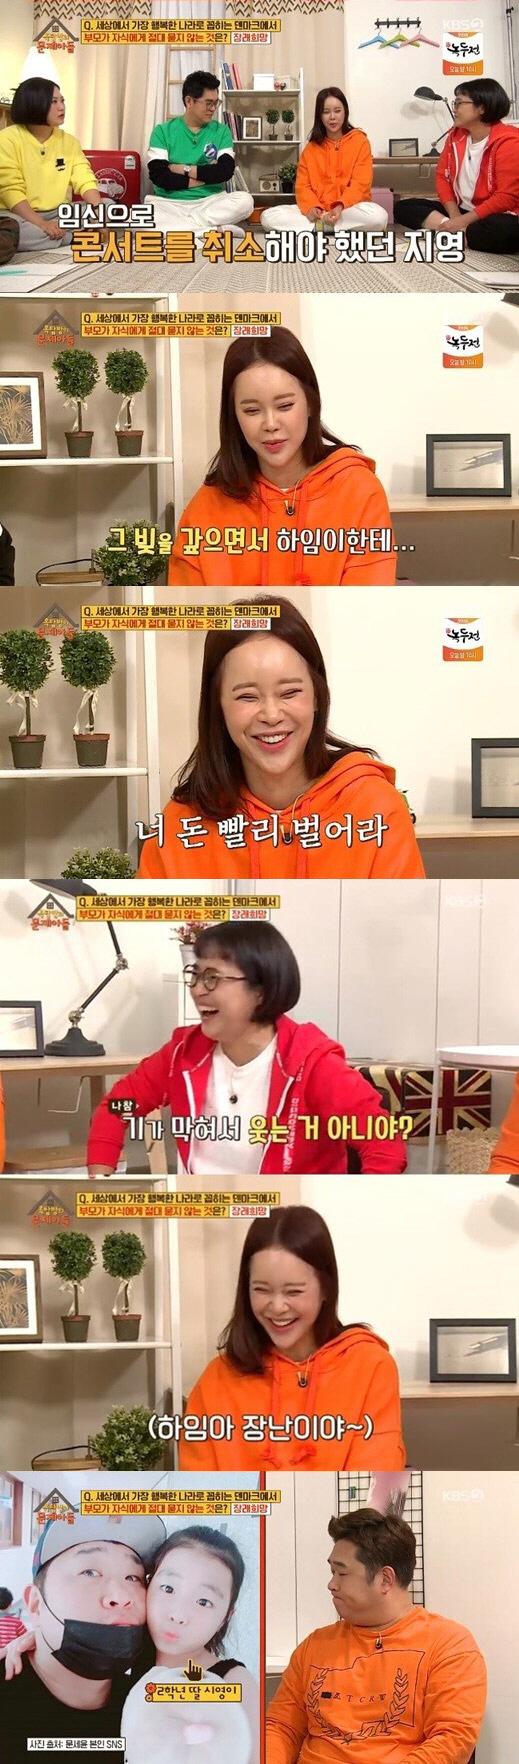 """백지영 """"임신 때문에 콘서트 취소…빚 많이 졌다"""""""